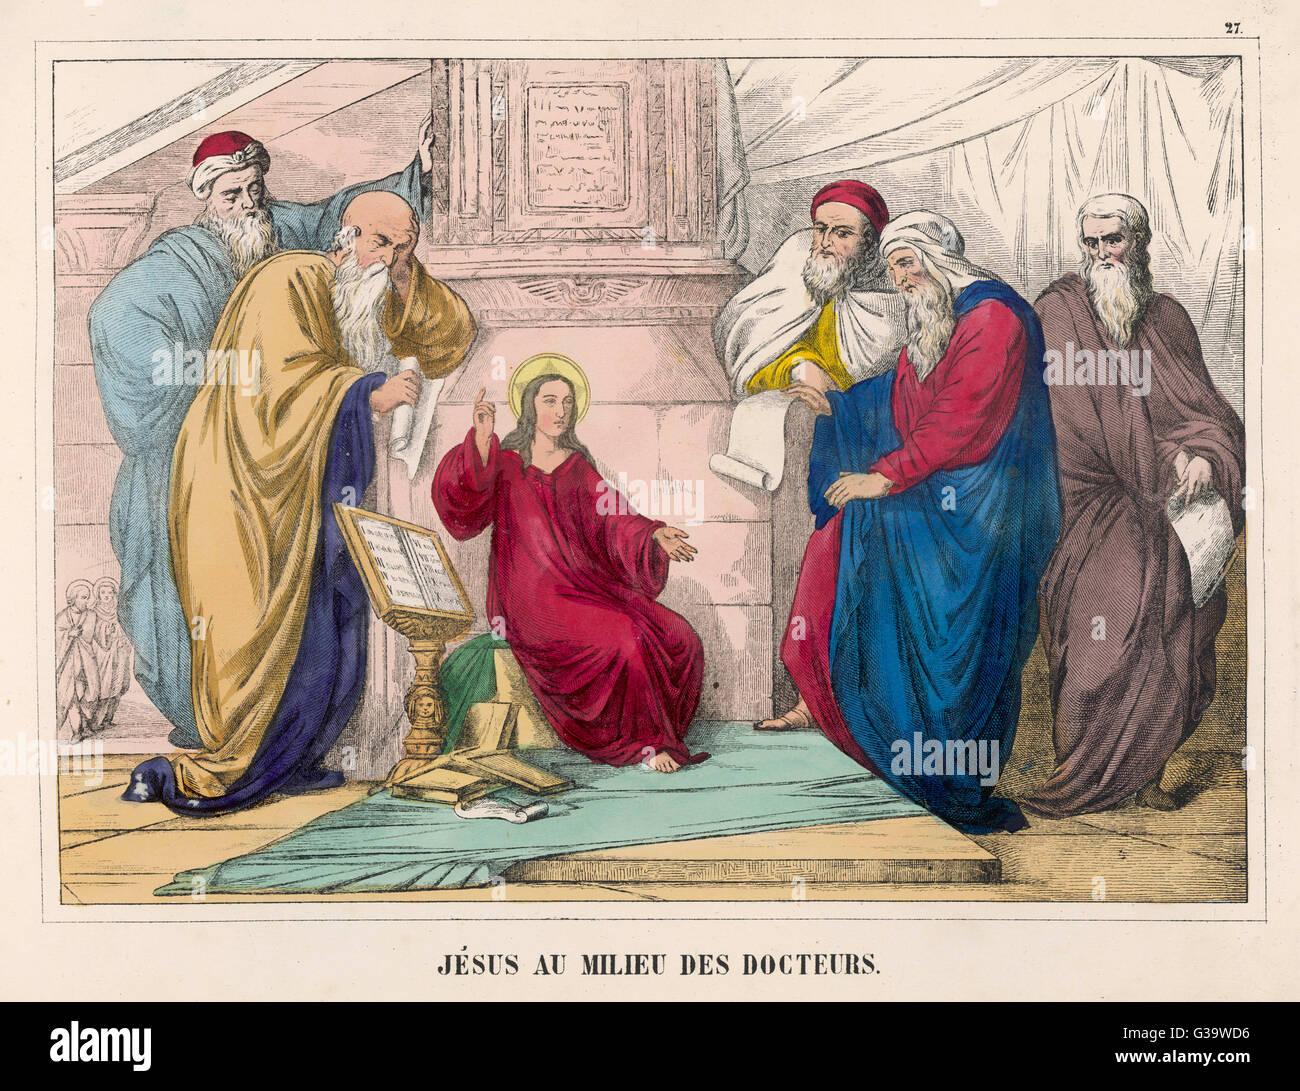 Egli discute di questioni teologiche con i medici della divinità Immagini Stock